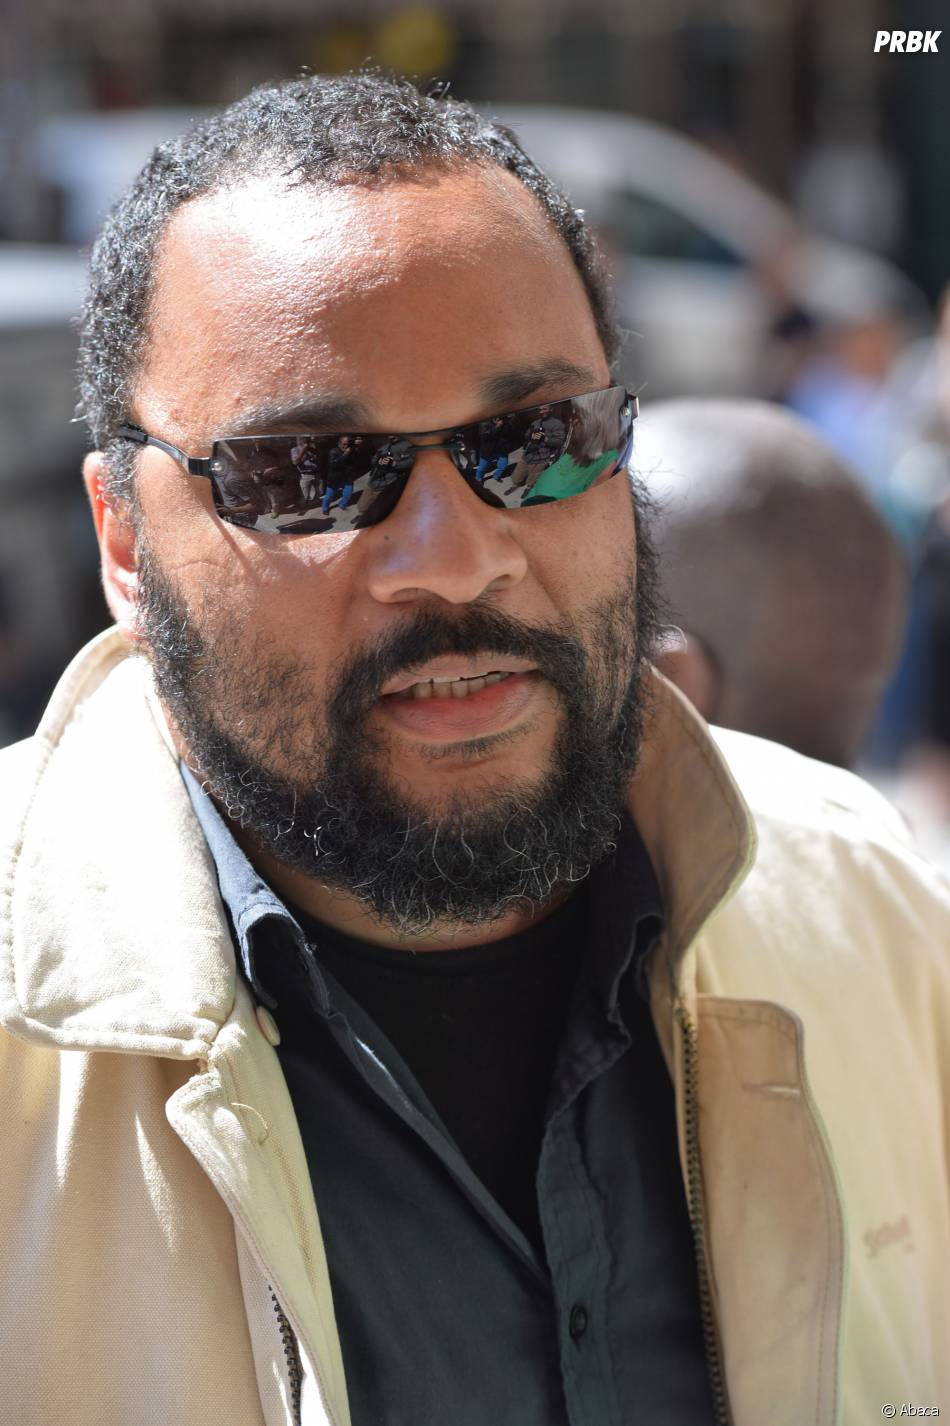 Dieudonné condamné à de la prison avec sursispour apologie d'actes de terrorisme, le 18 mars 2015